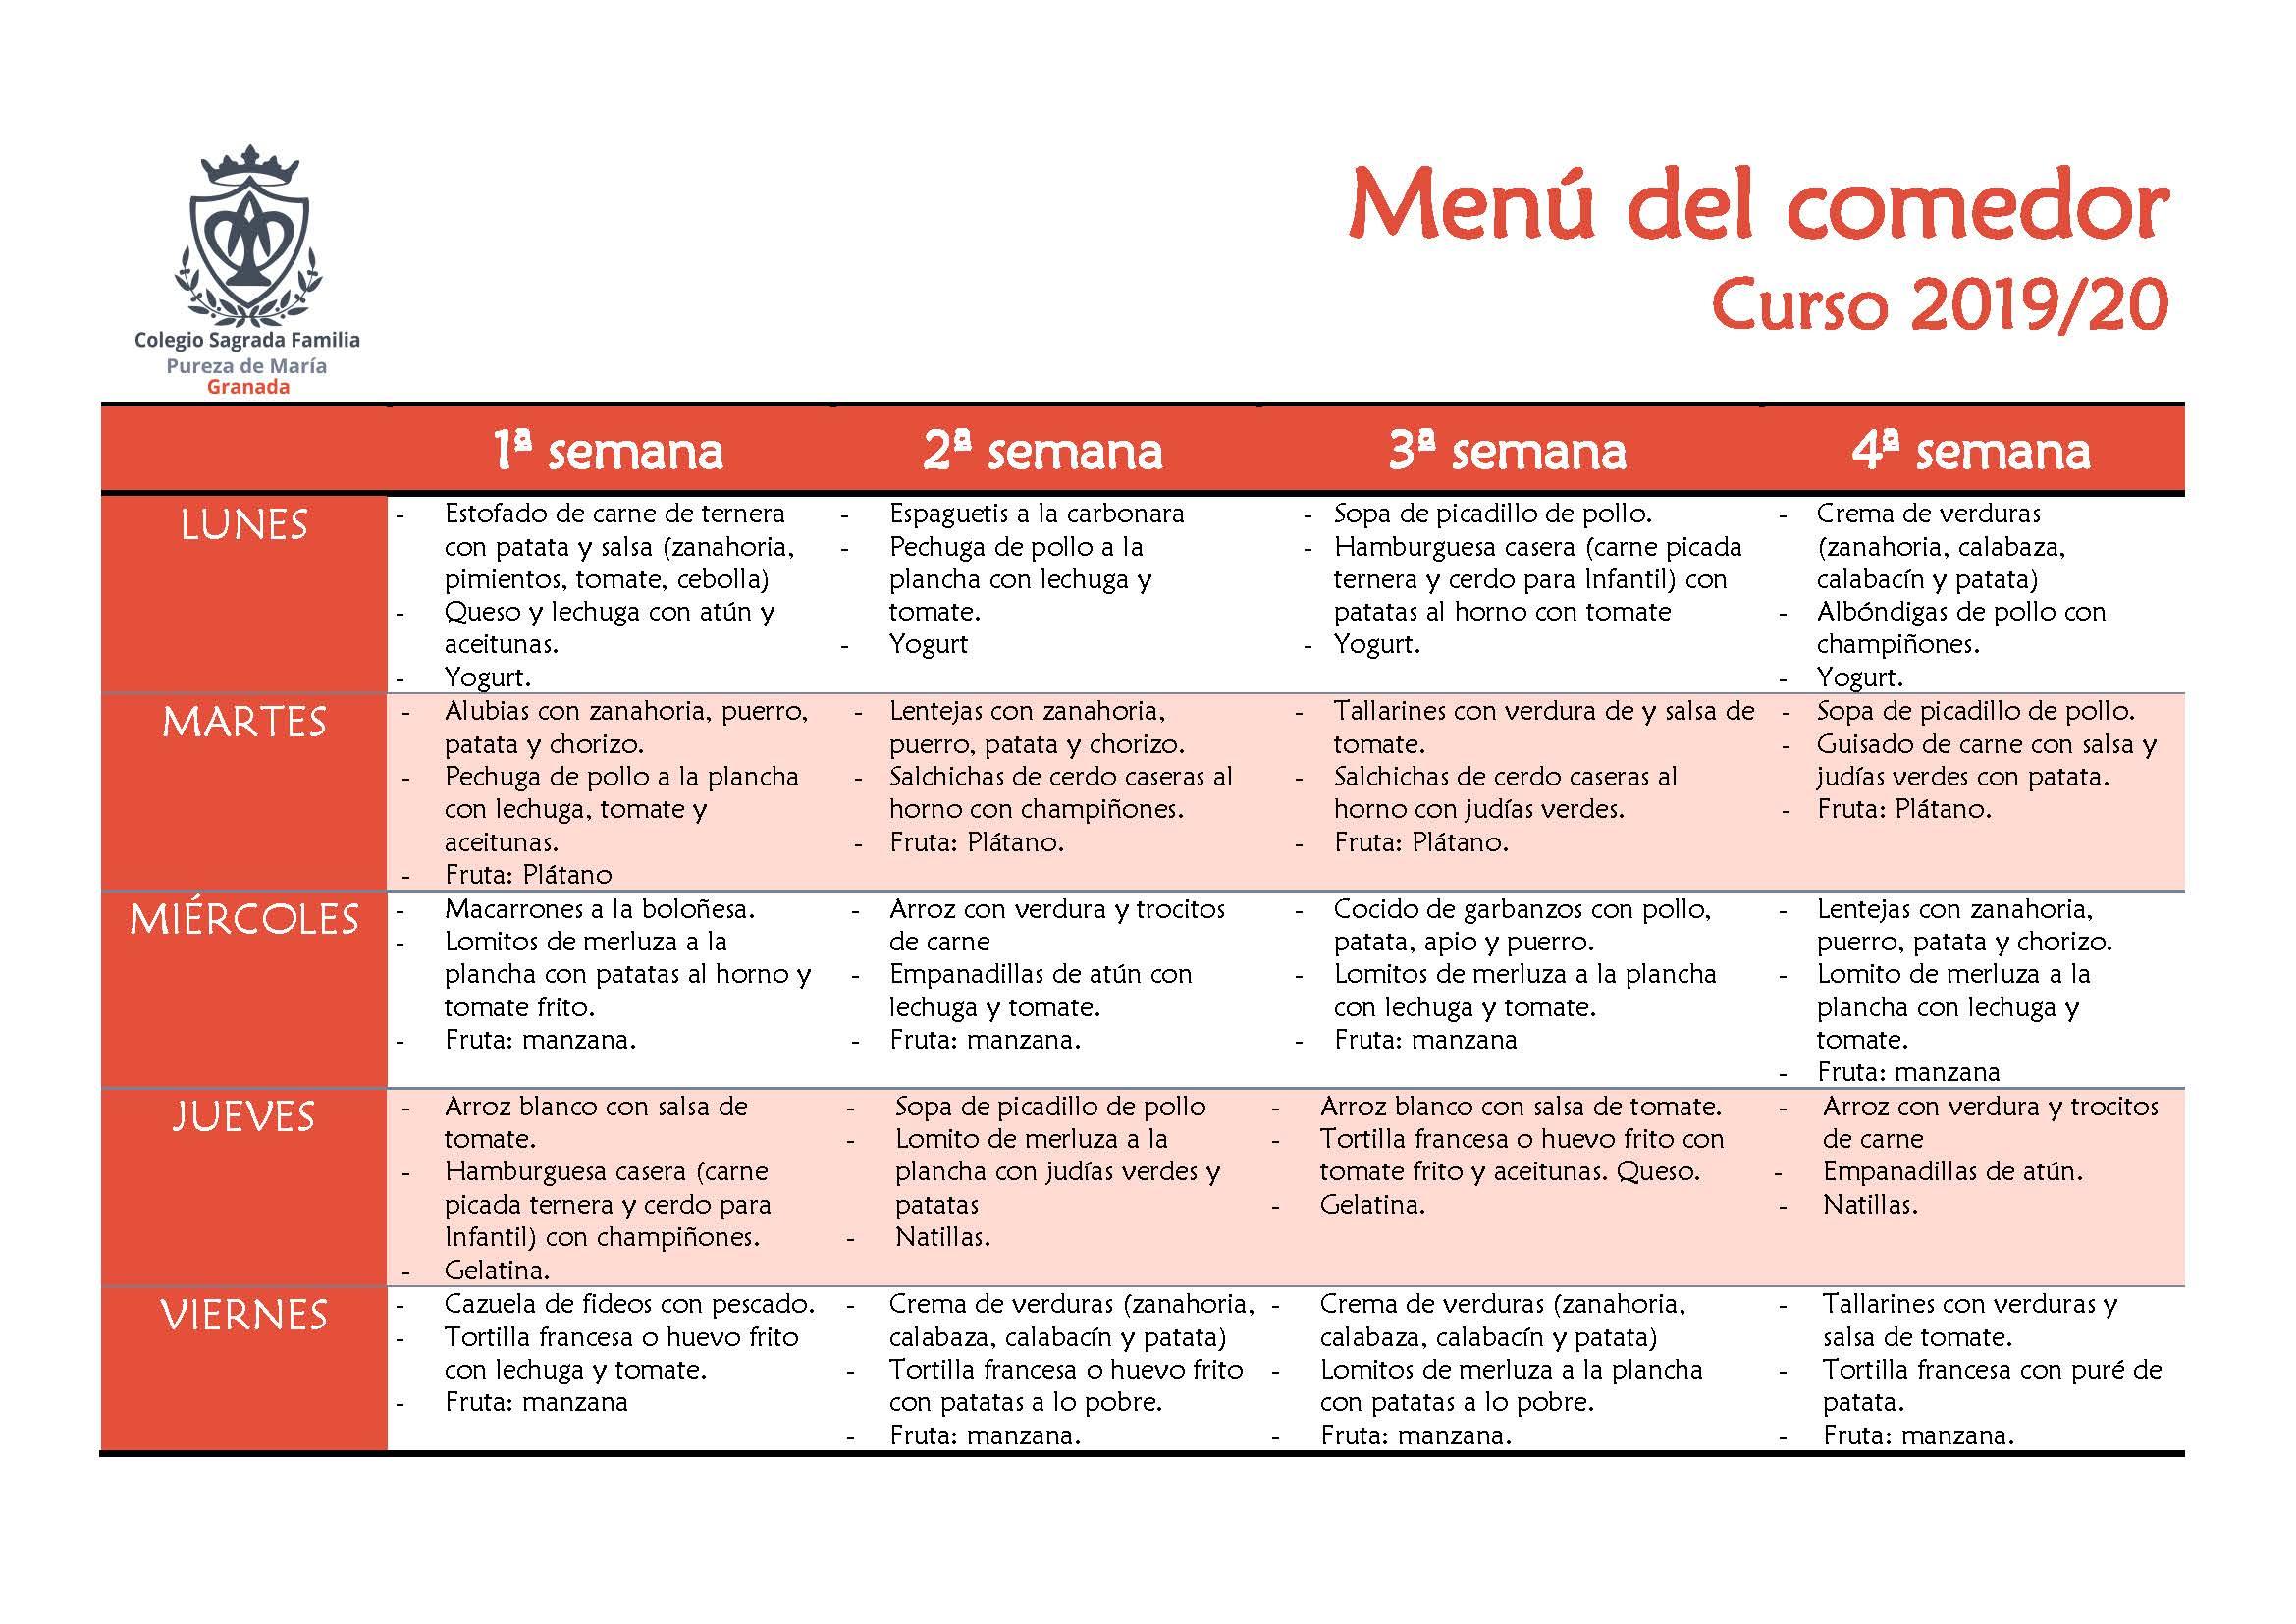 Comedor: Menú y servicios del mediodía | Colegio Sagrada ...